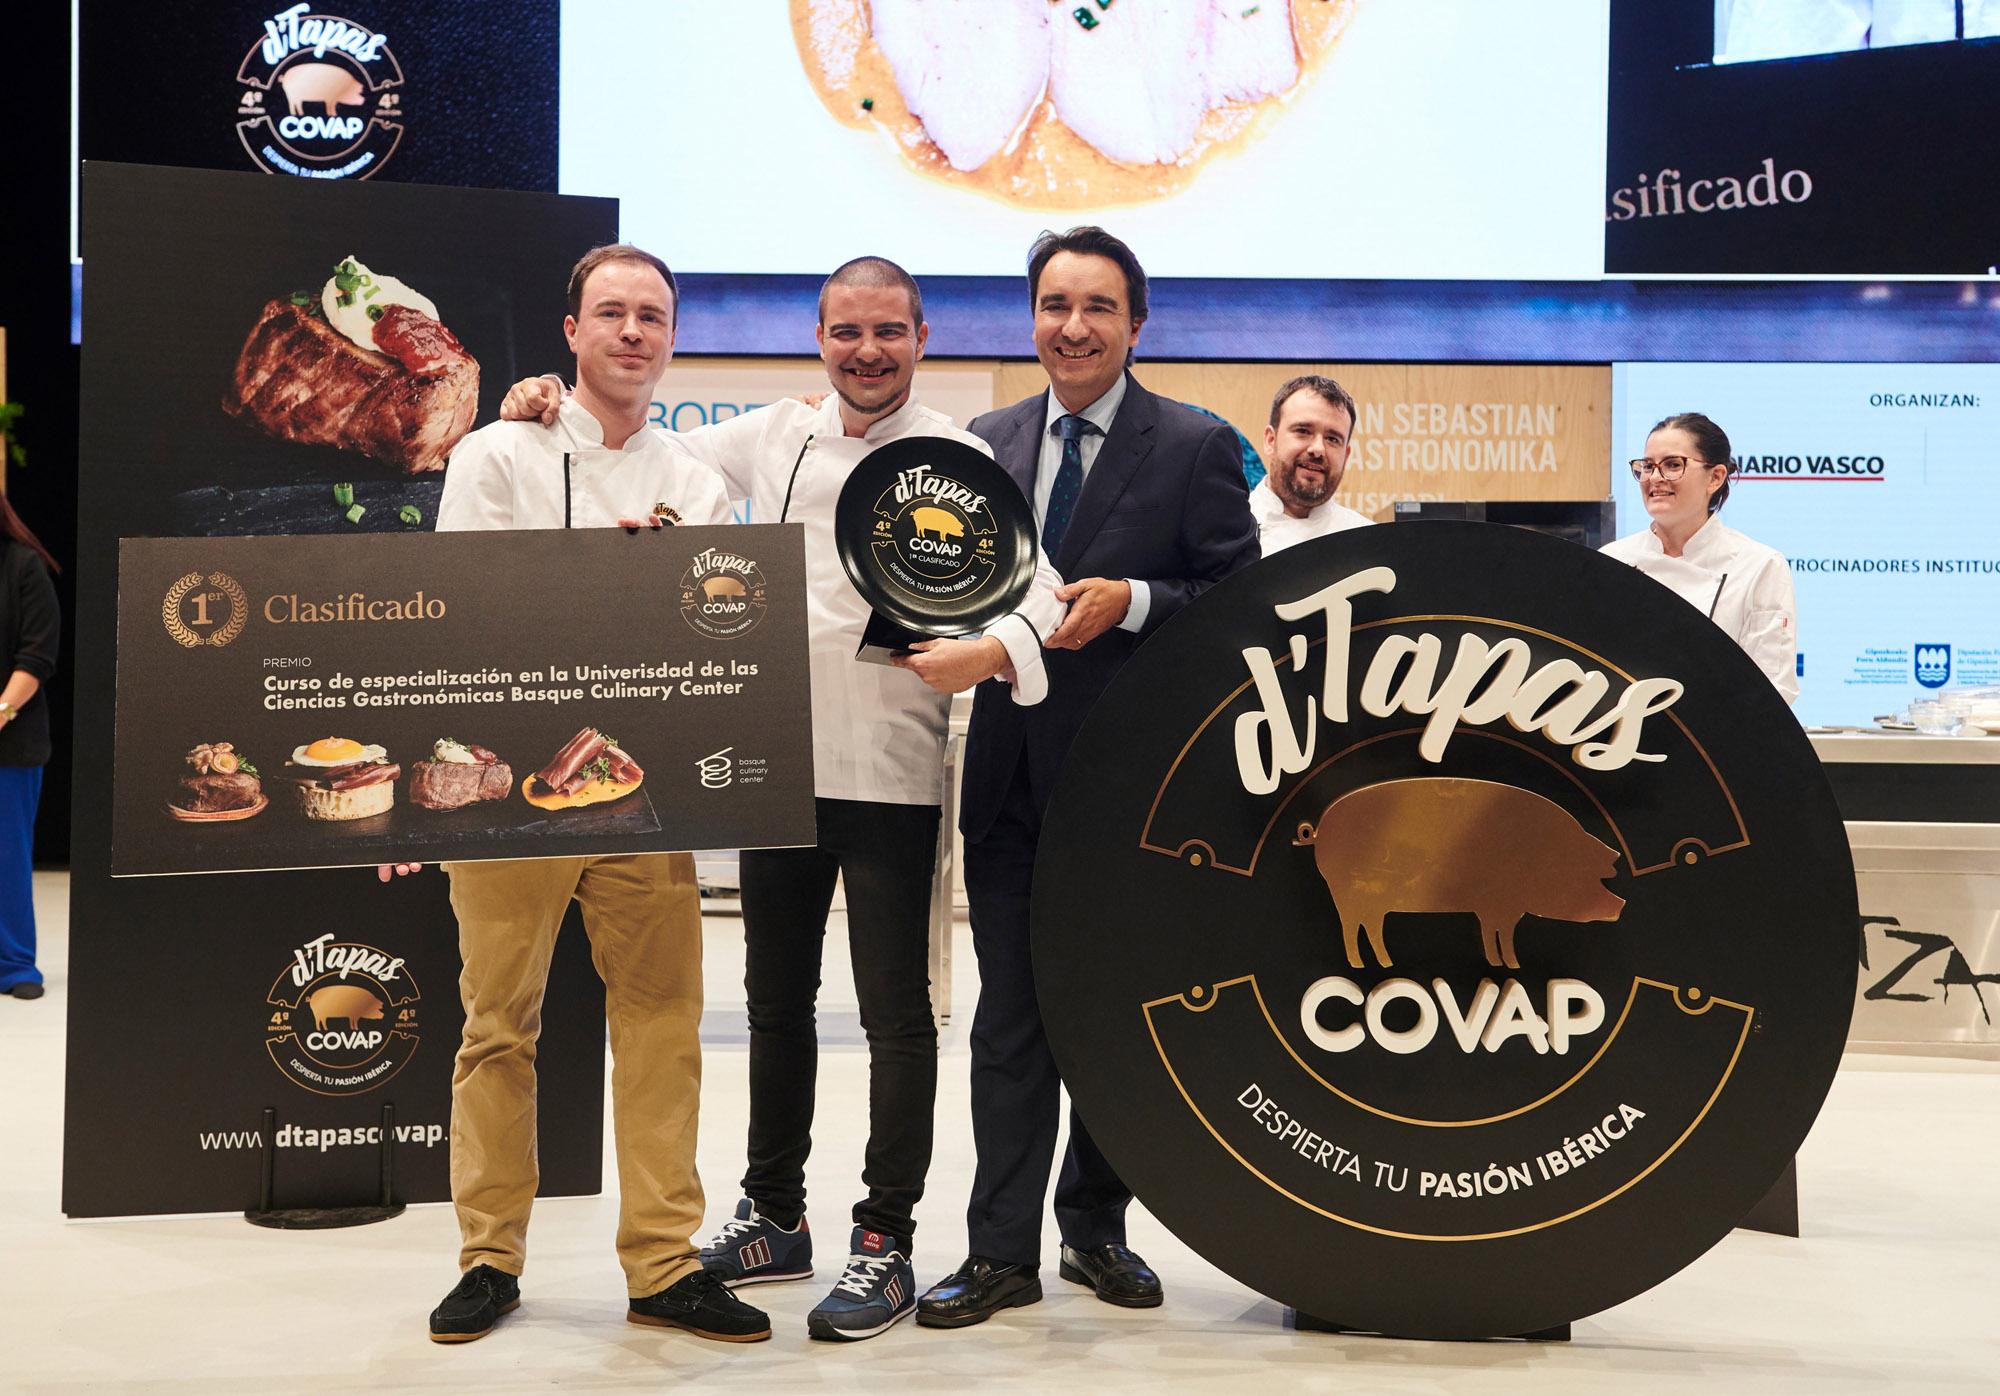 Alfredo Dueñas, del restaurante Restobar en Pozoblanco (Córdoba), ha resultado ganador de la IV edición del concurso D'Tapas COVAP | COVAP